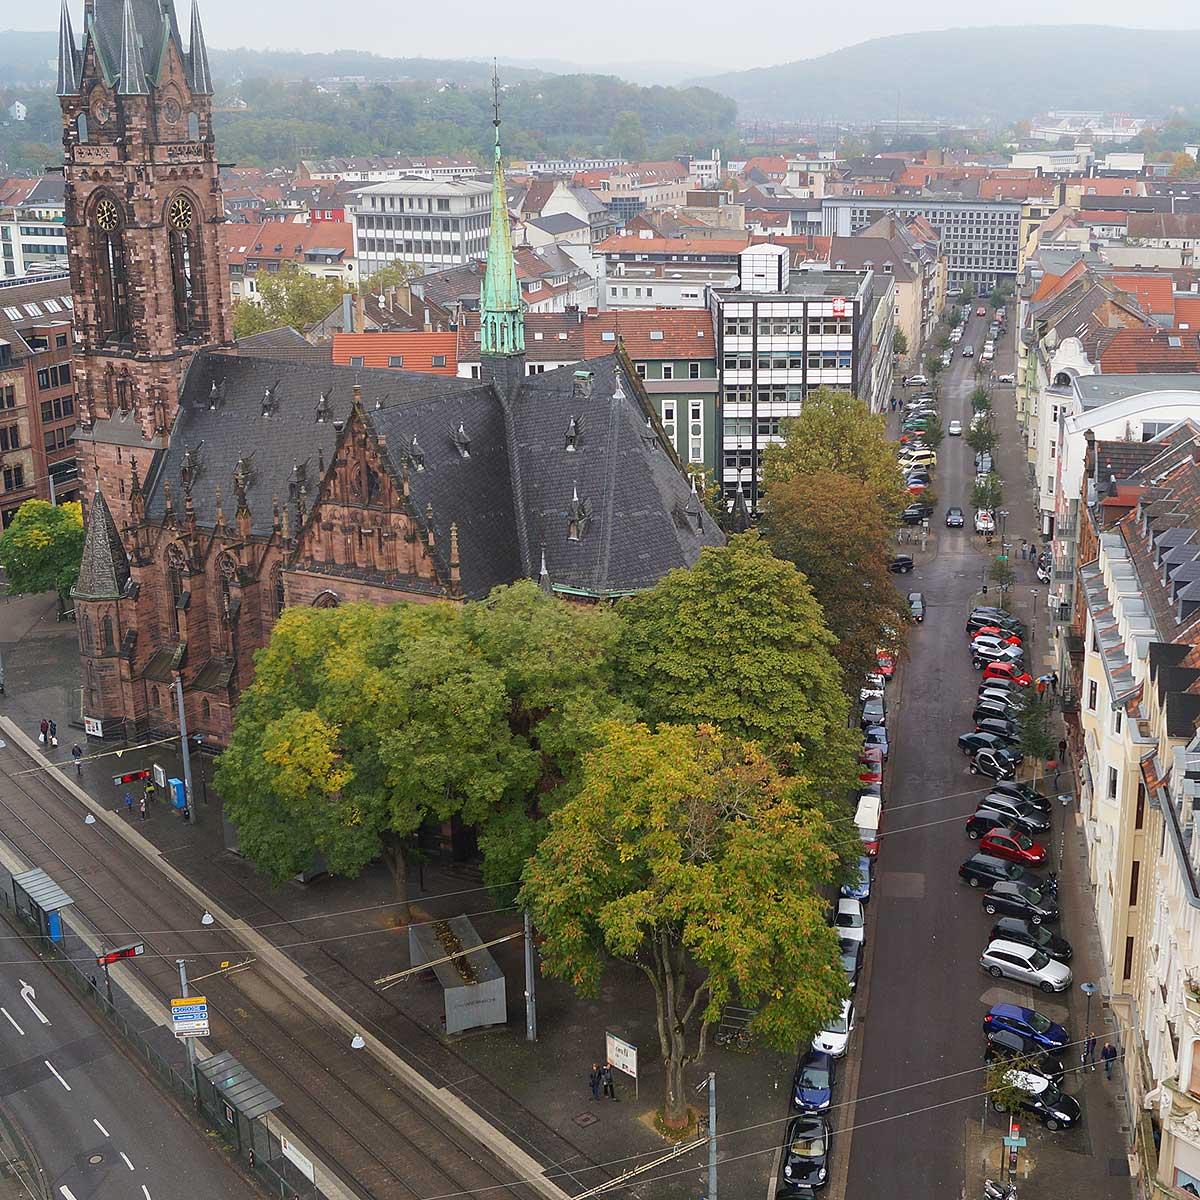 Blick vom Rathausturm auf das Nauwieser Viertel in Saarbrücken